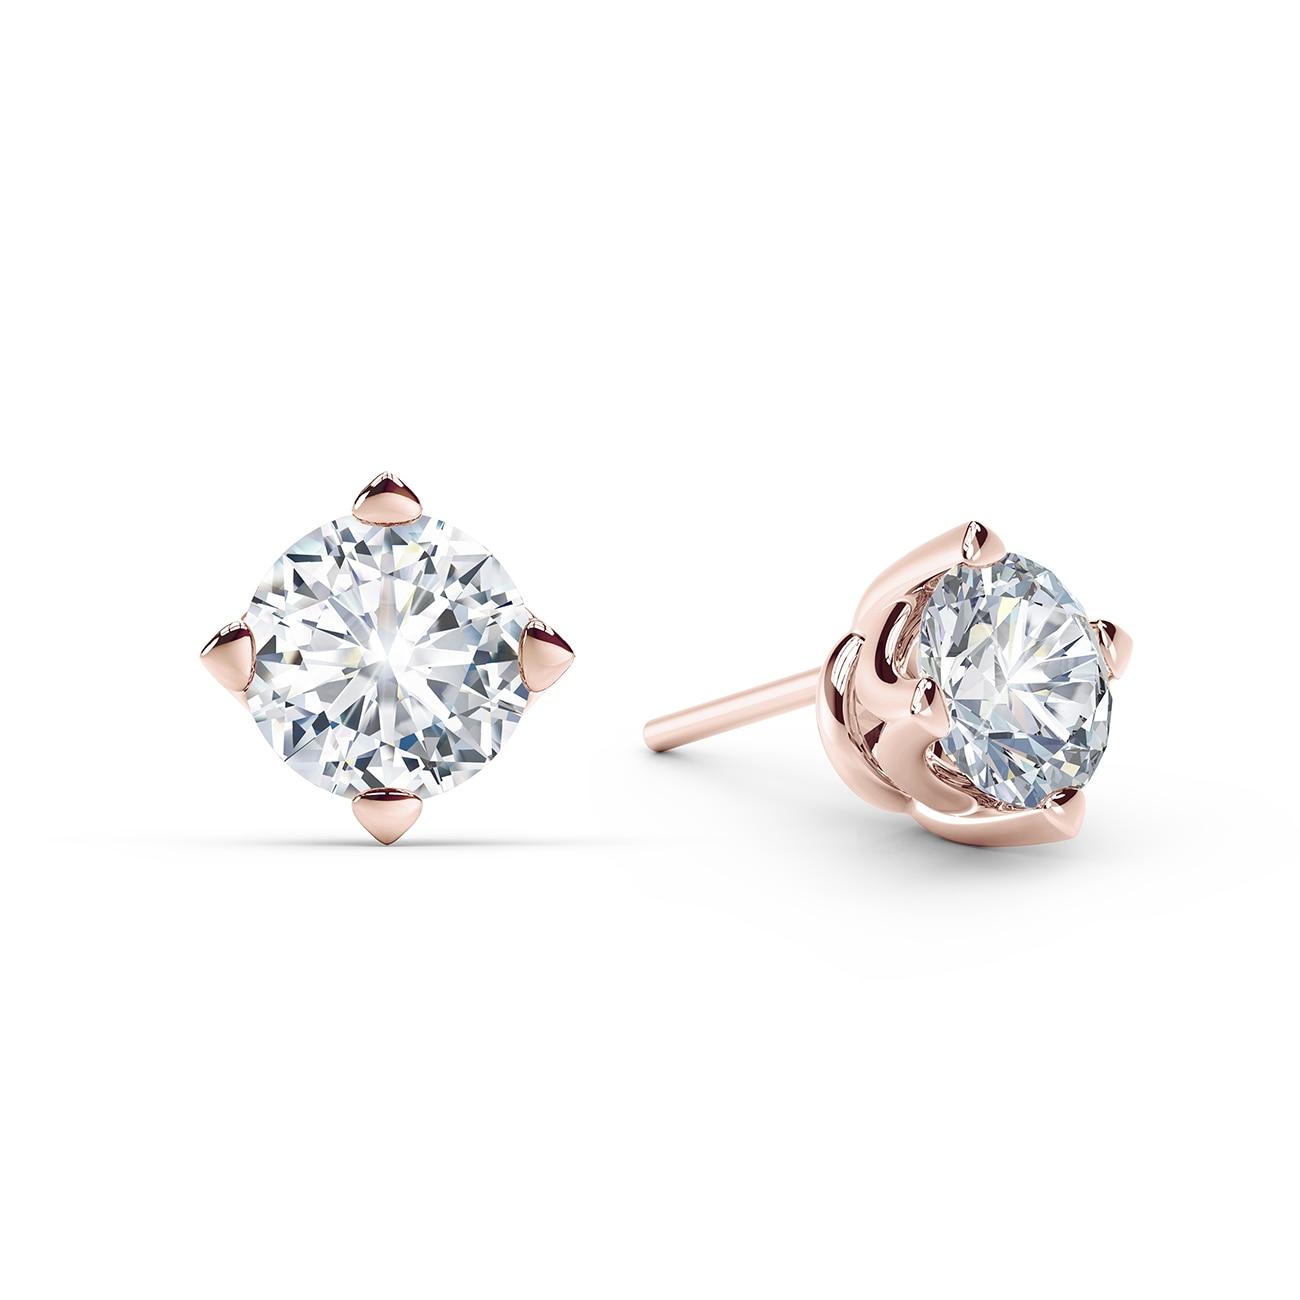 Floating Diamond Stud Earrings